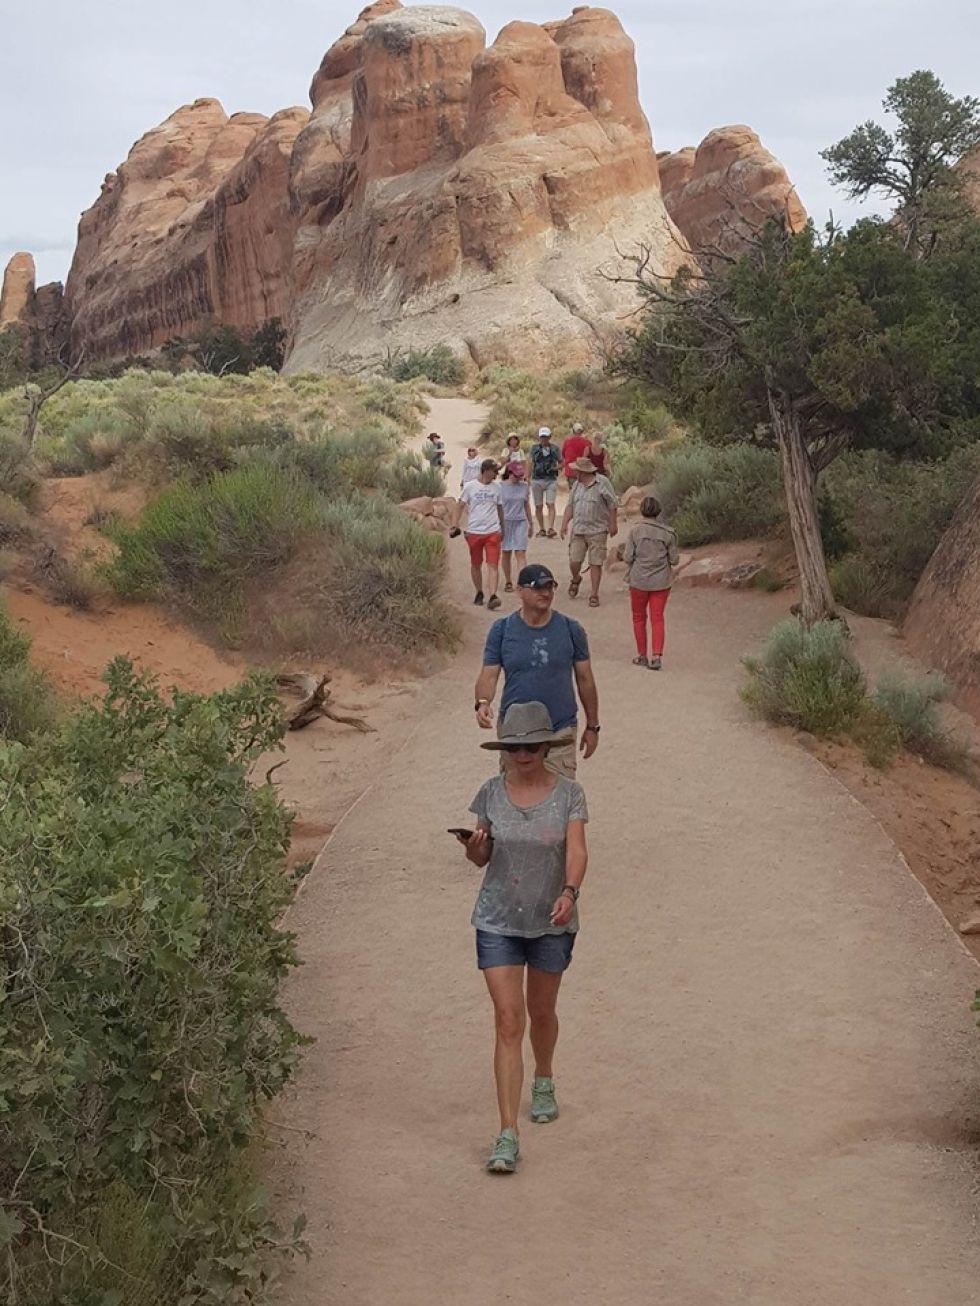 grupa turystow logos travel podczas wyprawy w Stanach Zjednoczonych